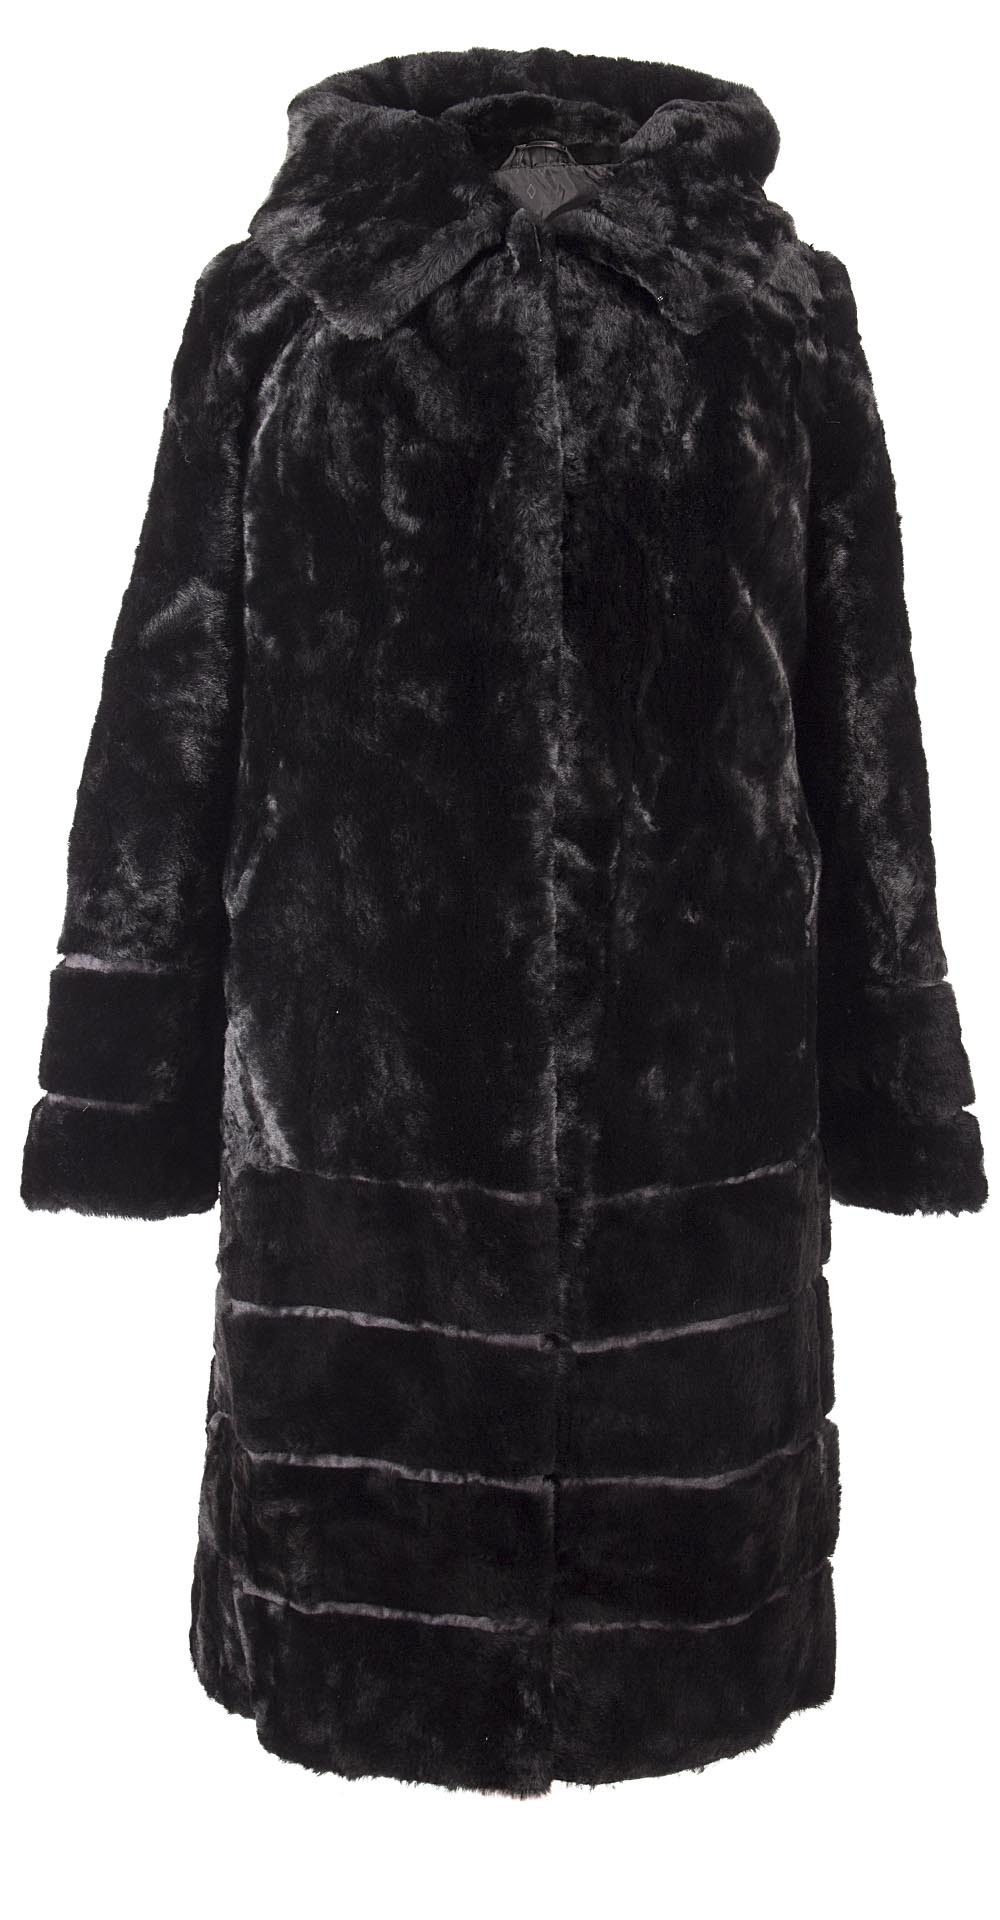 Пальто из мутона, цвет: Чёрный - купить за 32000 в магазине - Гипермаркет меха